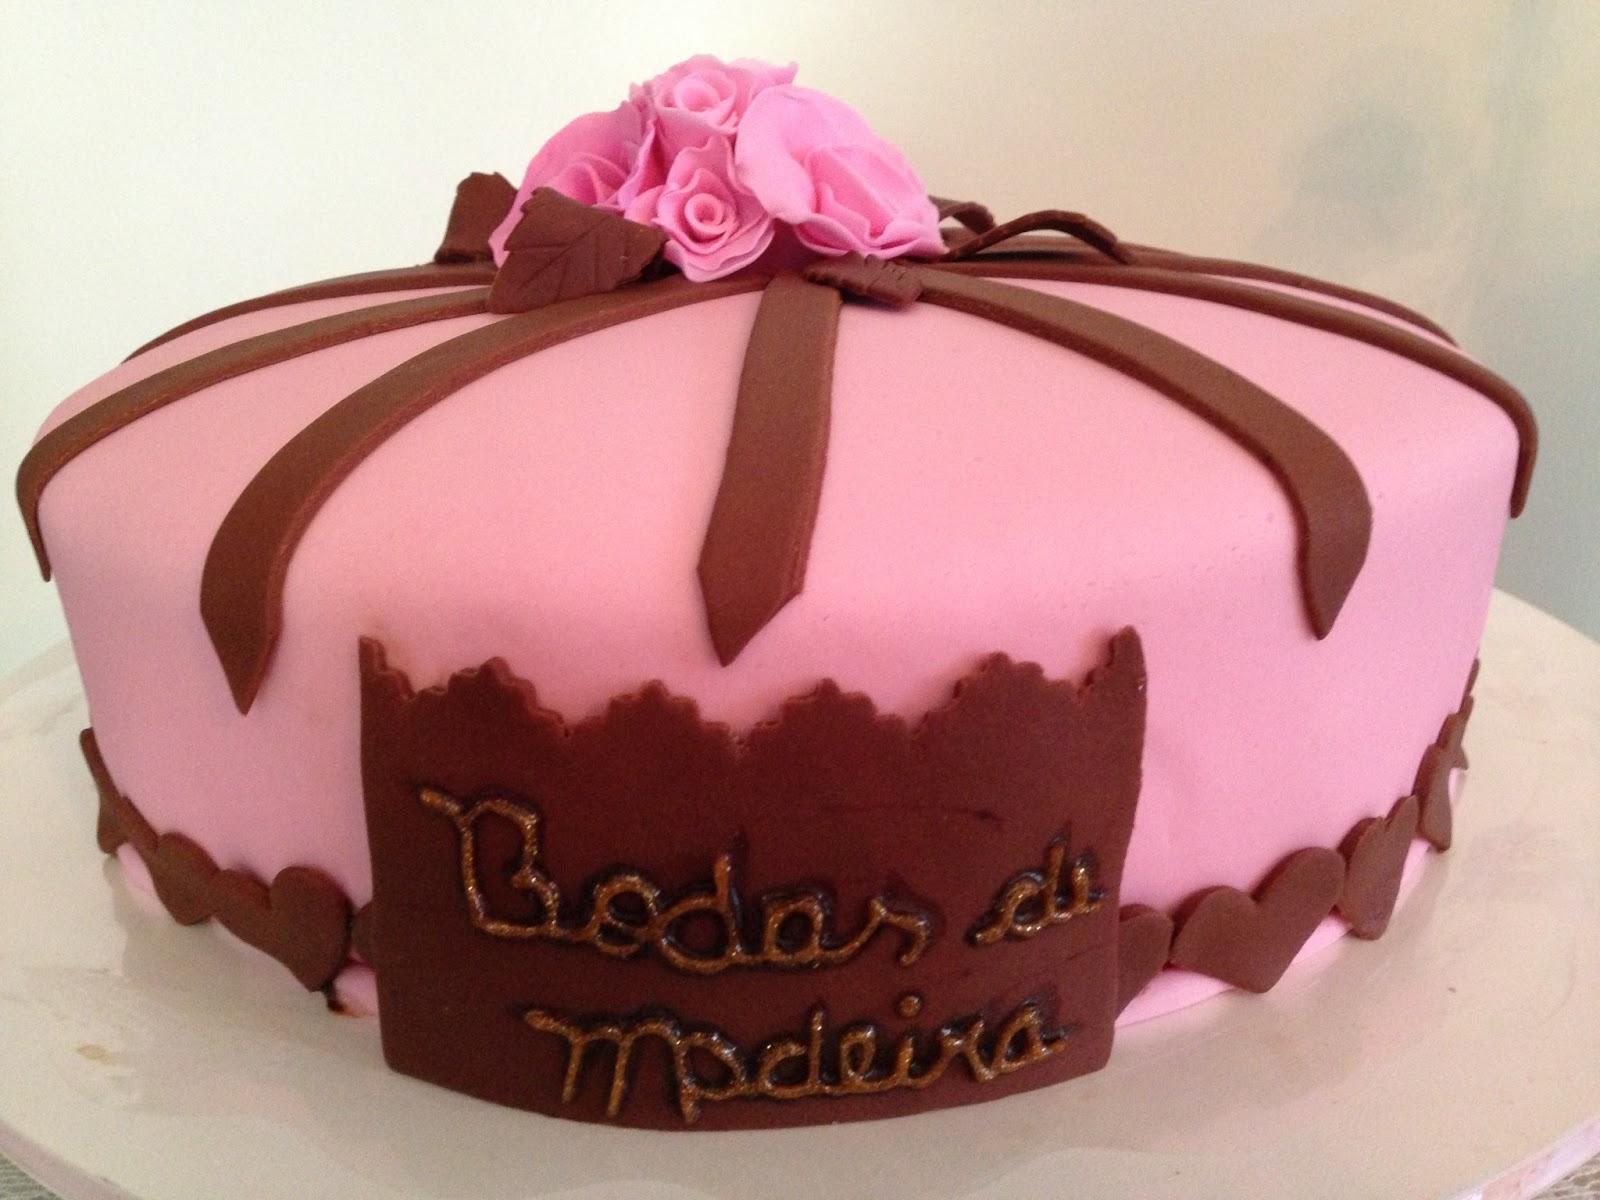 JC DOCES FESTAS: Bodas de Madeira 05 anos de casamento #B61542 1600x1200